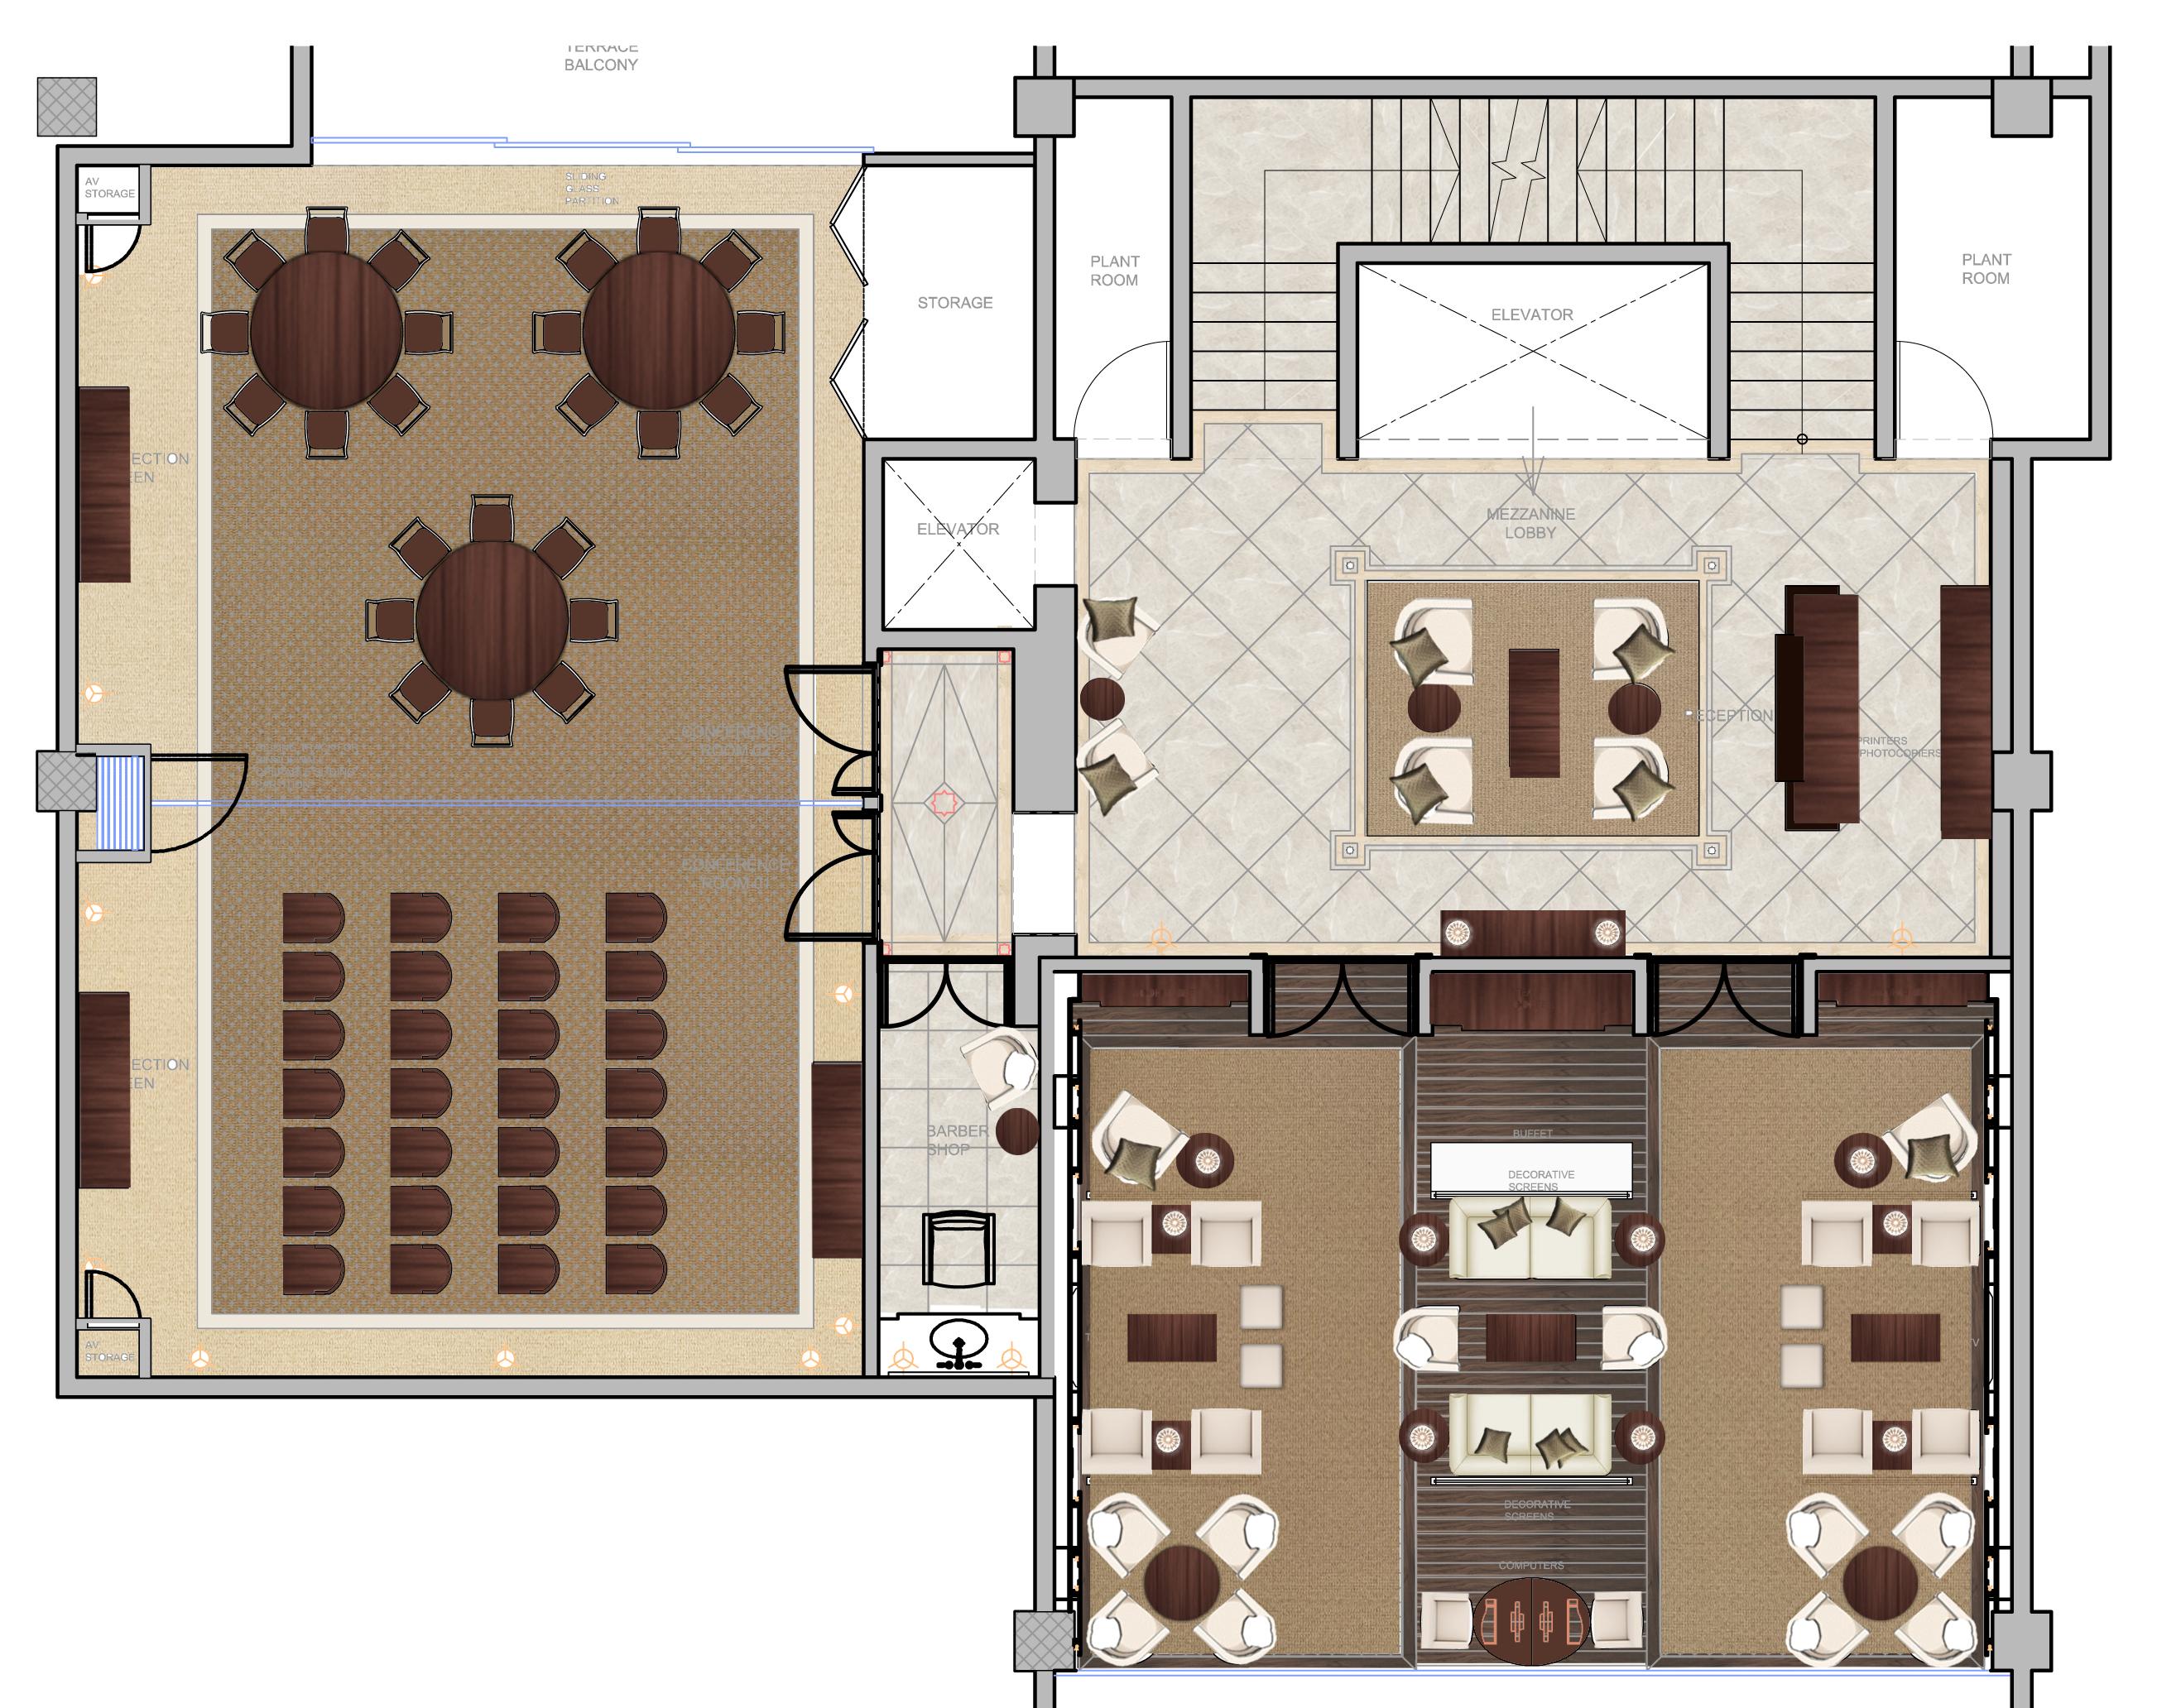 mezzanine Plan.jpg